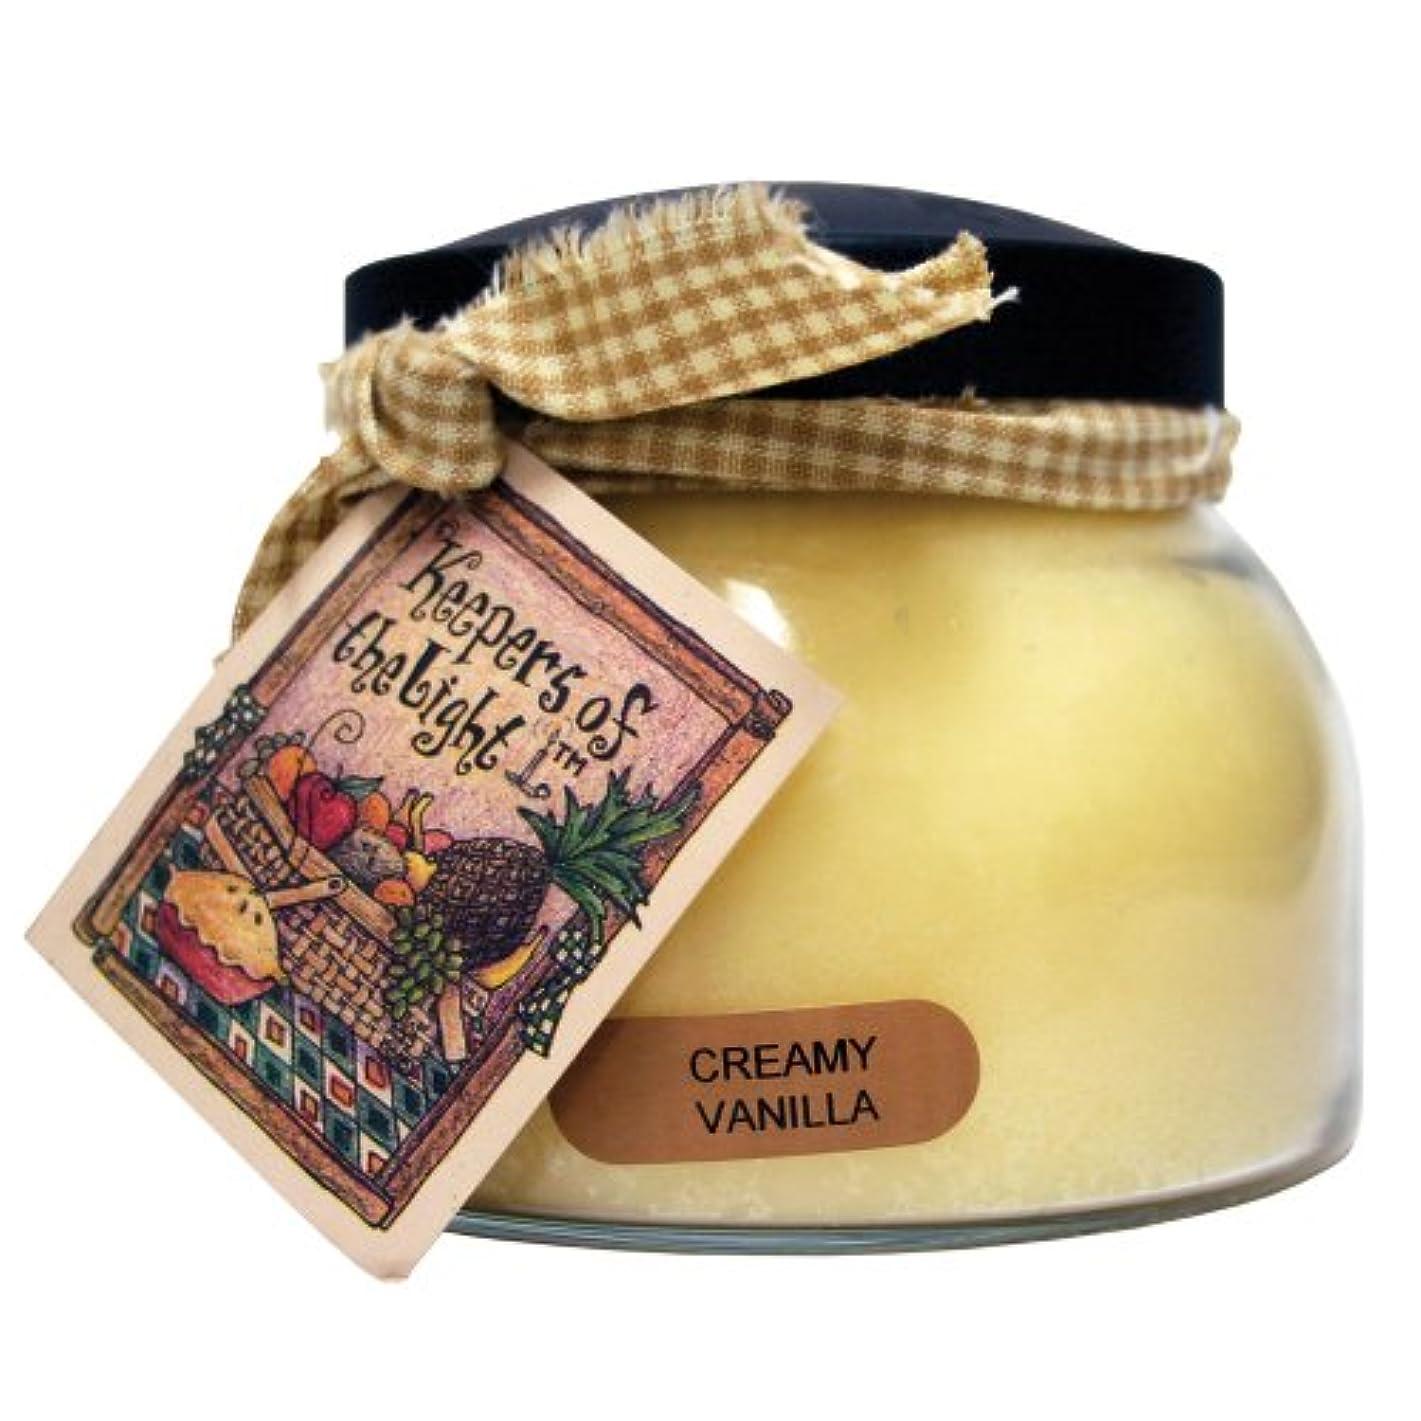 アプローチオートまたA Cheerful Giver Creamy バニラ ベイビージャーキャンドル 22oz JM108